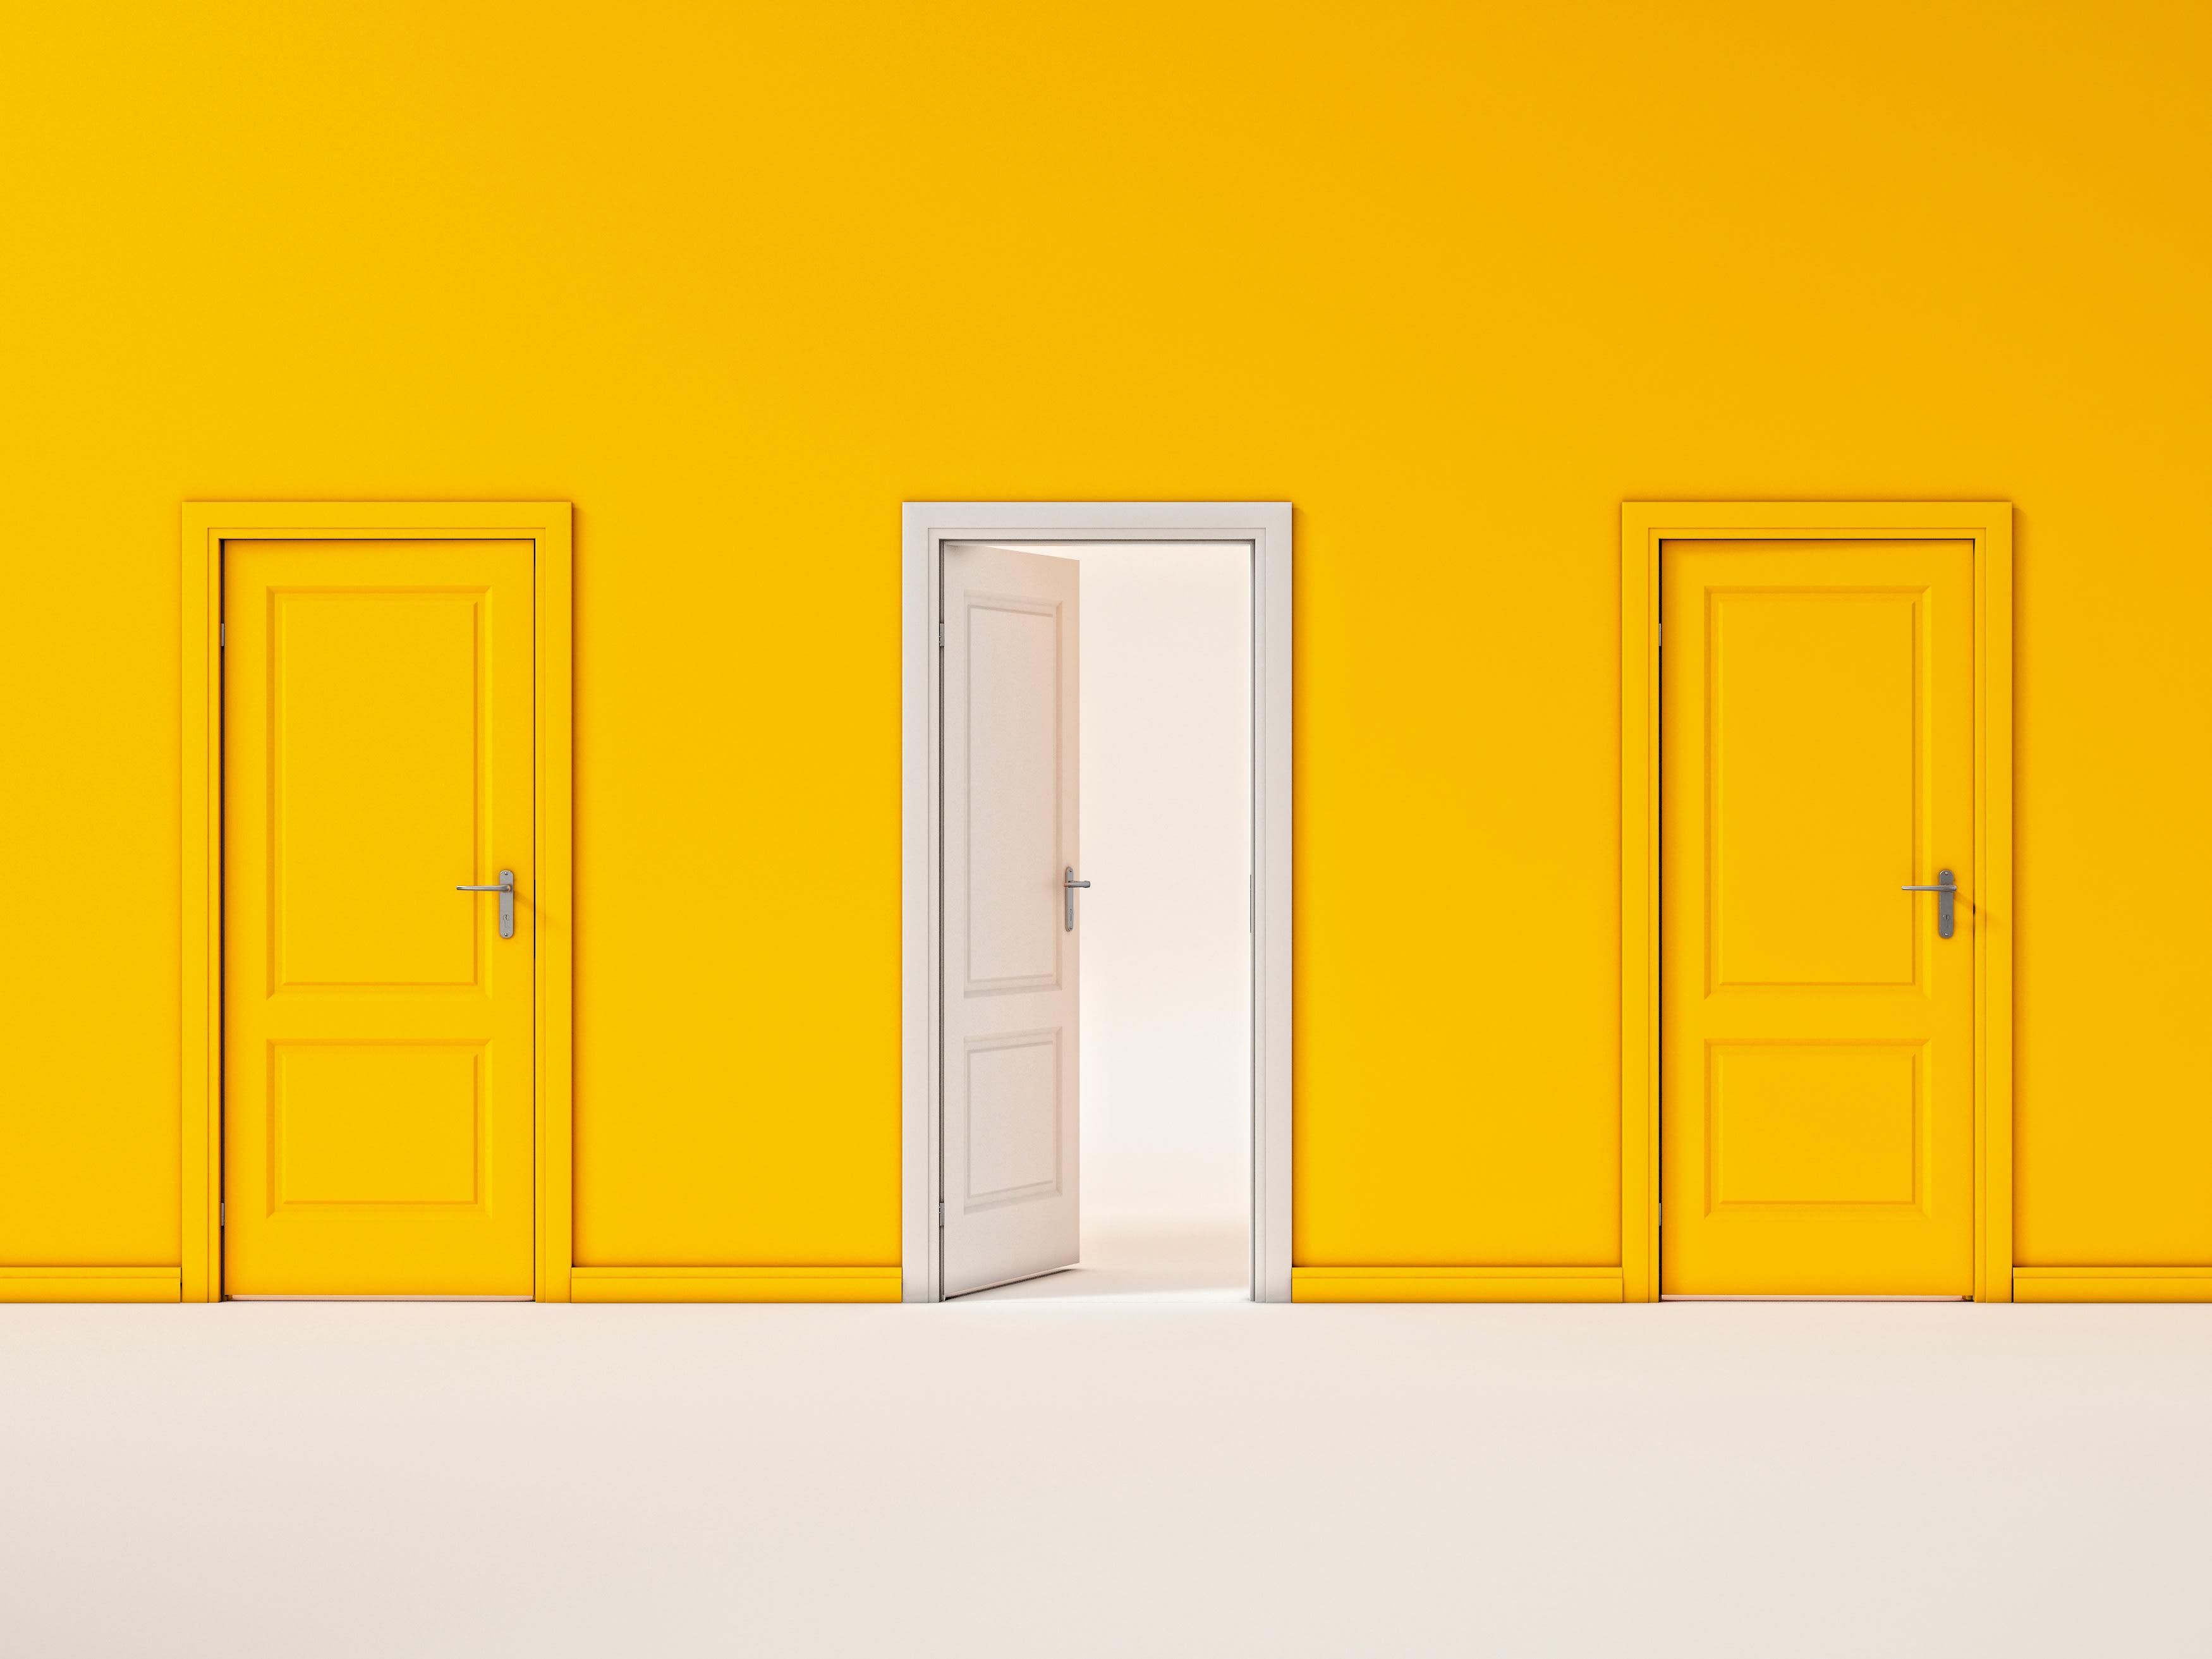 White Door on Yellow Wall, Illustration Business Door